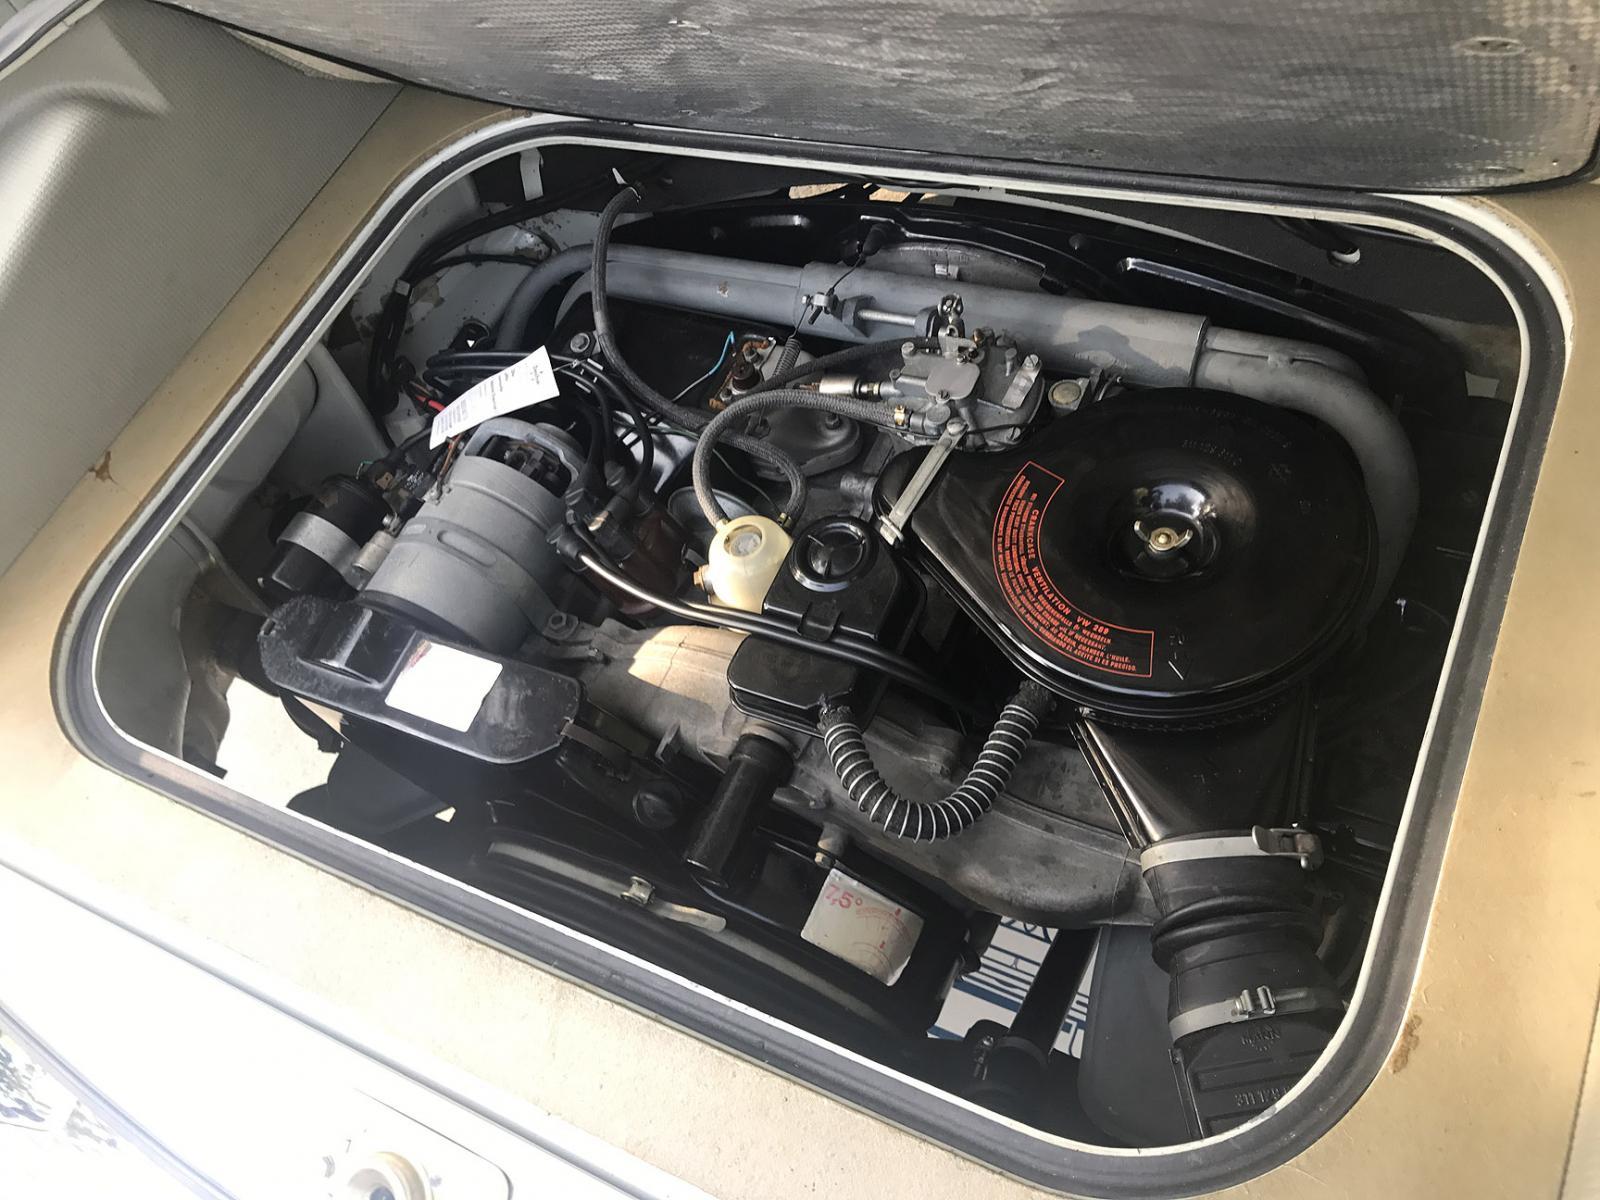 6500 mile Type 3 engine